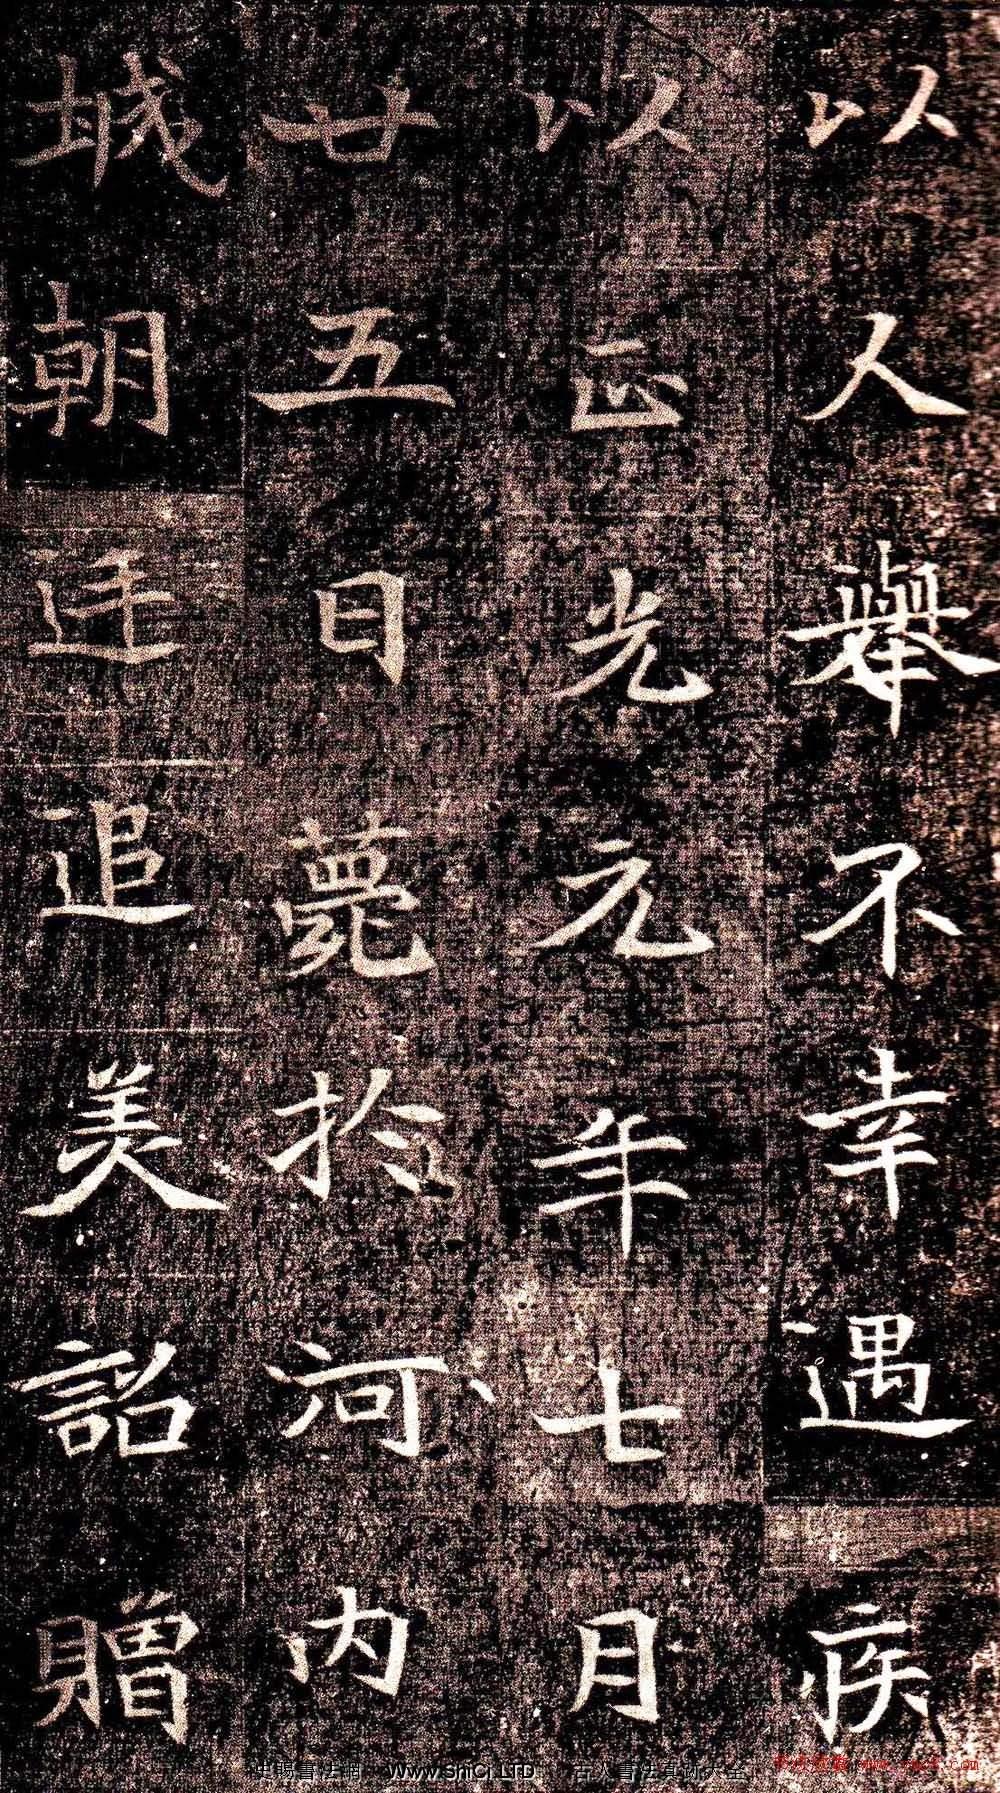 北魏楷書代表作品《司馬景和墓誌銘》